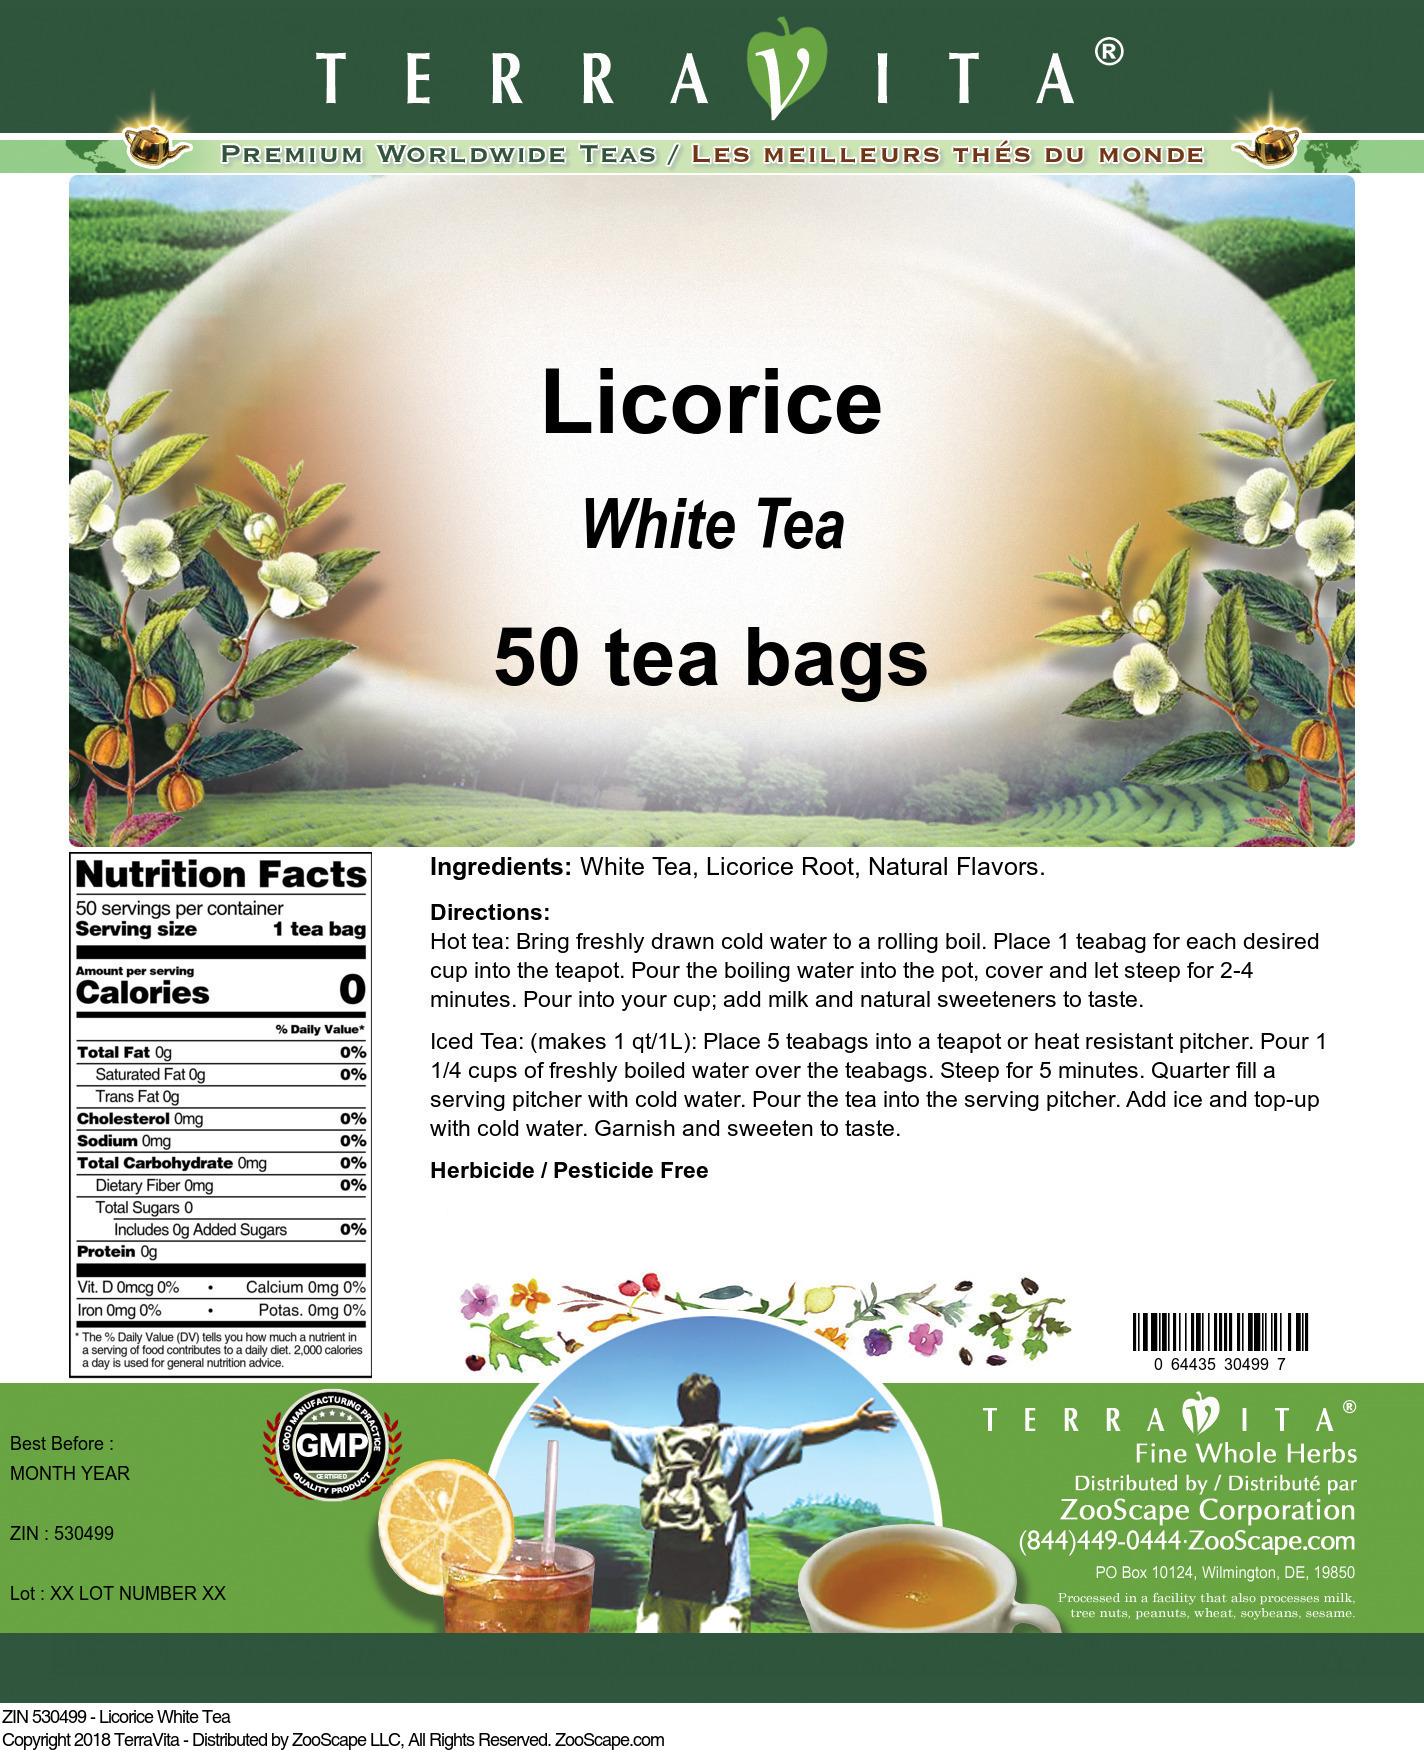 Licorice White Tea